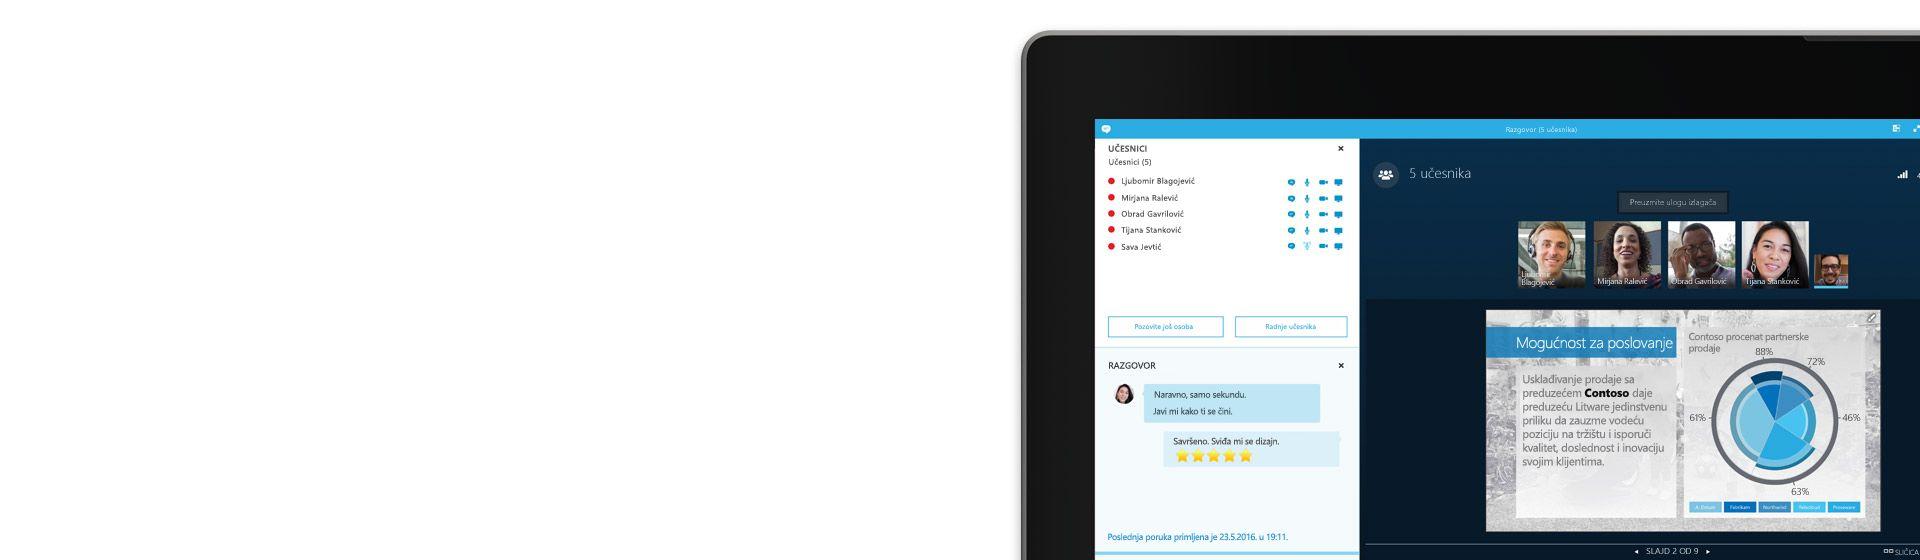 Ugao laptop ekrana koji prikazuje tekući sastanak u programu Skype za posao sa listom učesnika